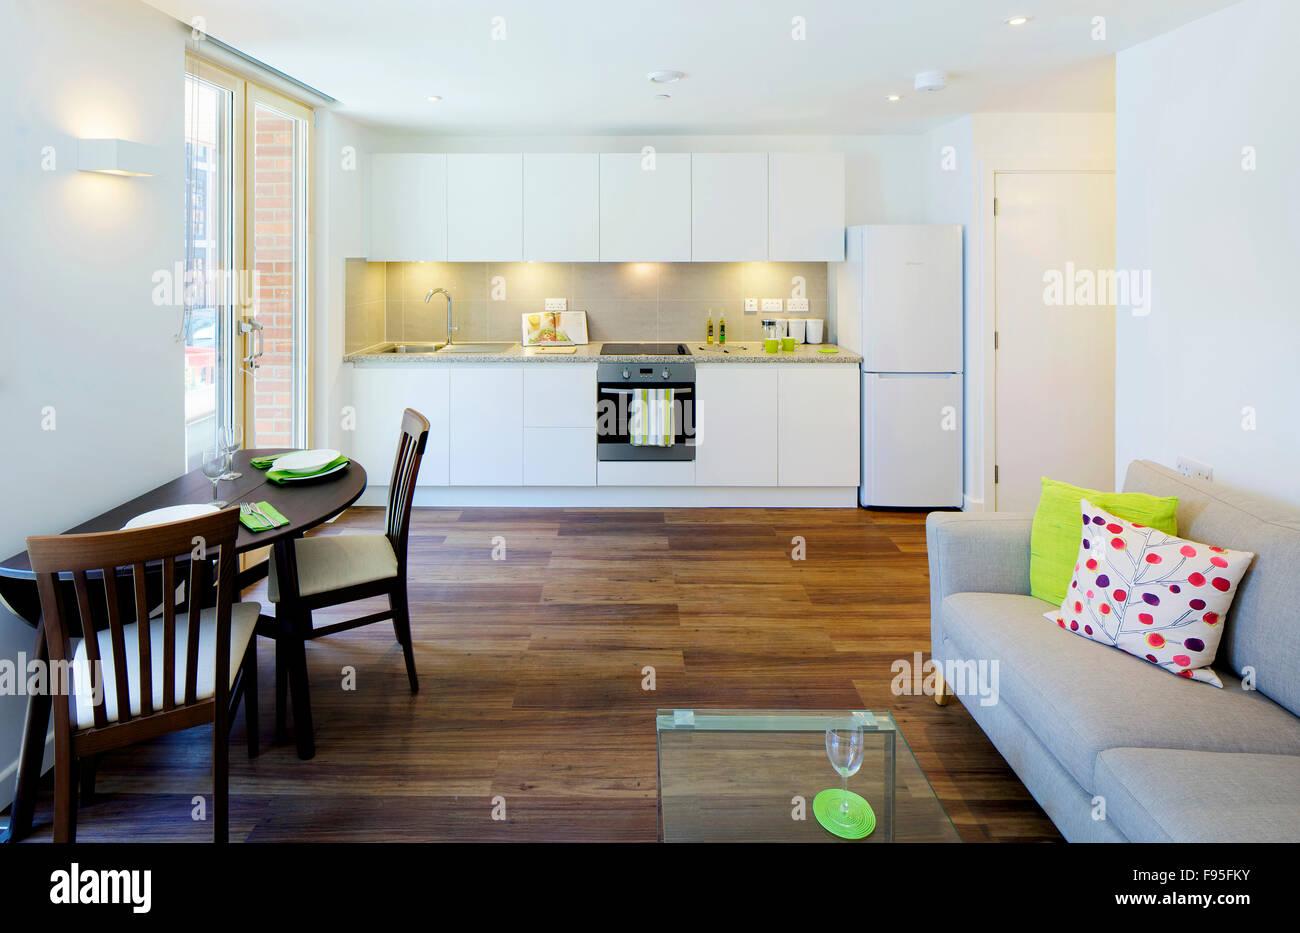 Pavimenti Per Cucina E Soggiorno.Una Sola Chiesa Square Londra Regno Unito Vista Di Una